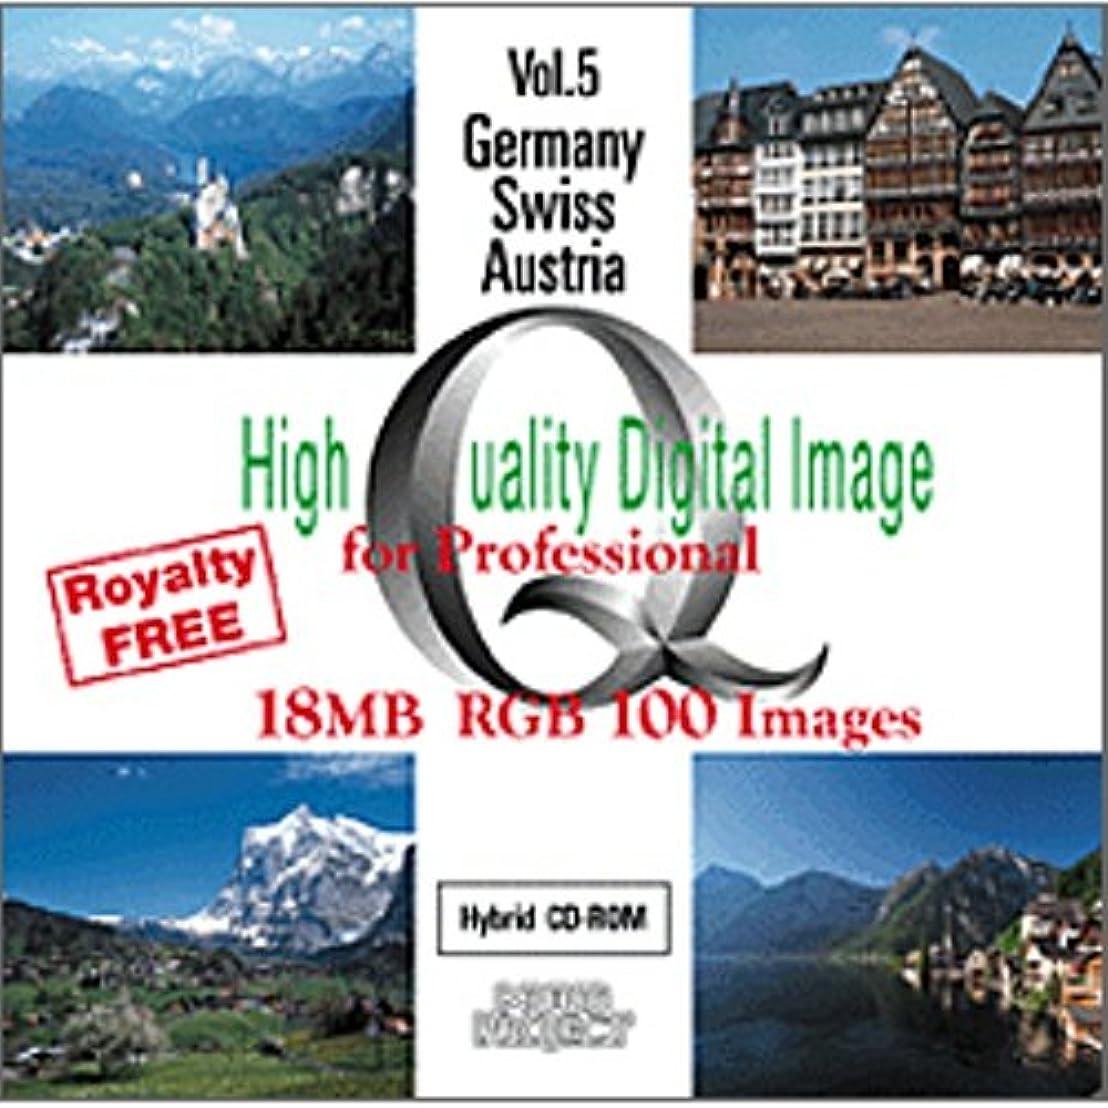 採用するペナルティオンHigh Quality Digital Image for Professional Vol.005 ドイツ?スイス?オーストリア